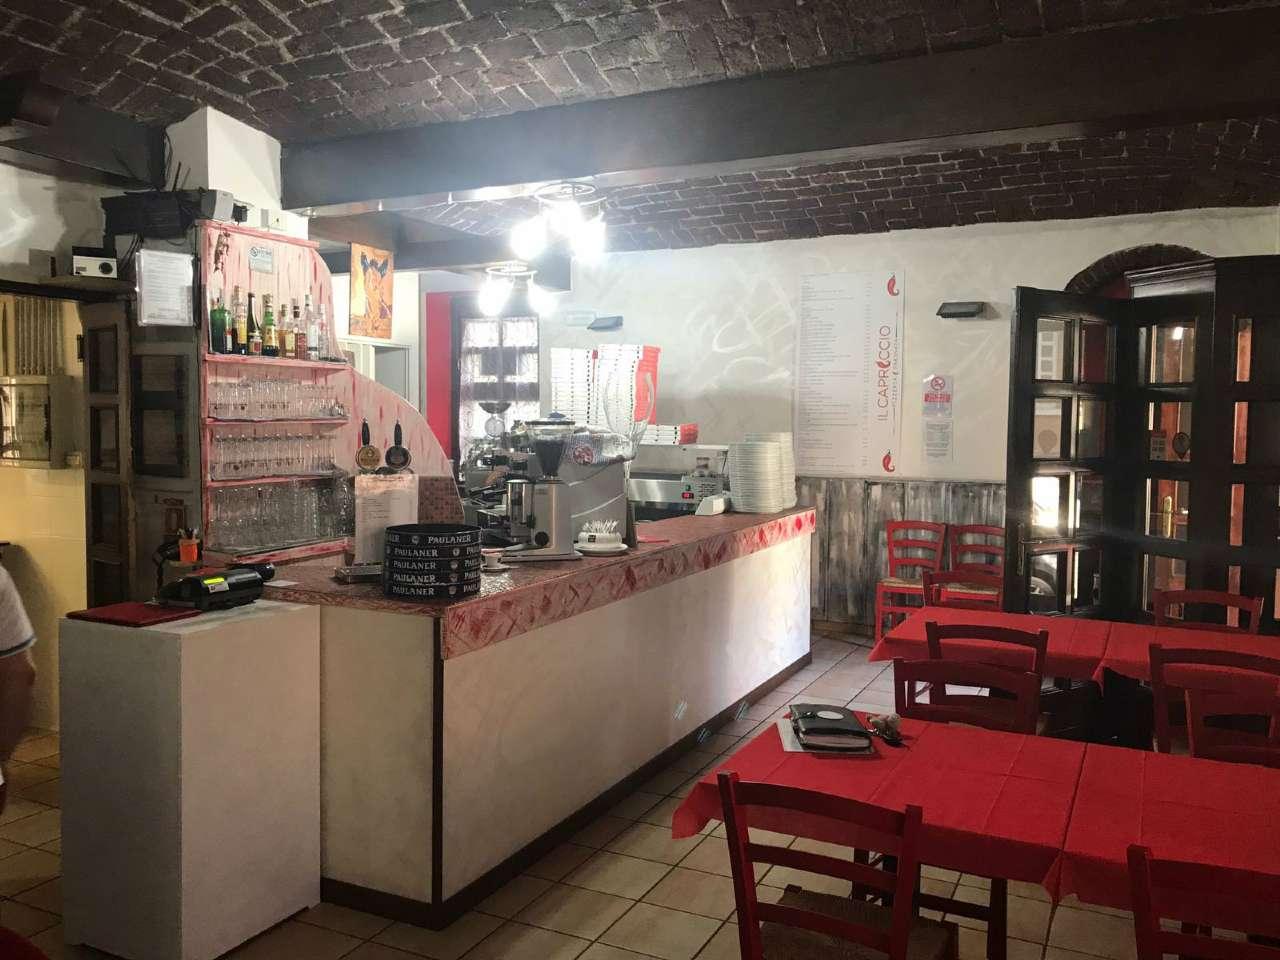 Cessione attività in vendita Zona Madonna di Campagna, Borgo Vittoria... - via BRUSNENGO Torino